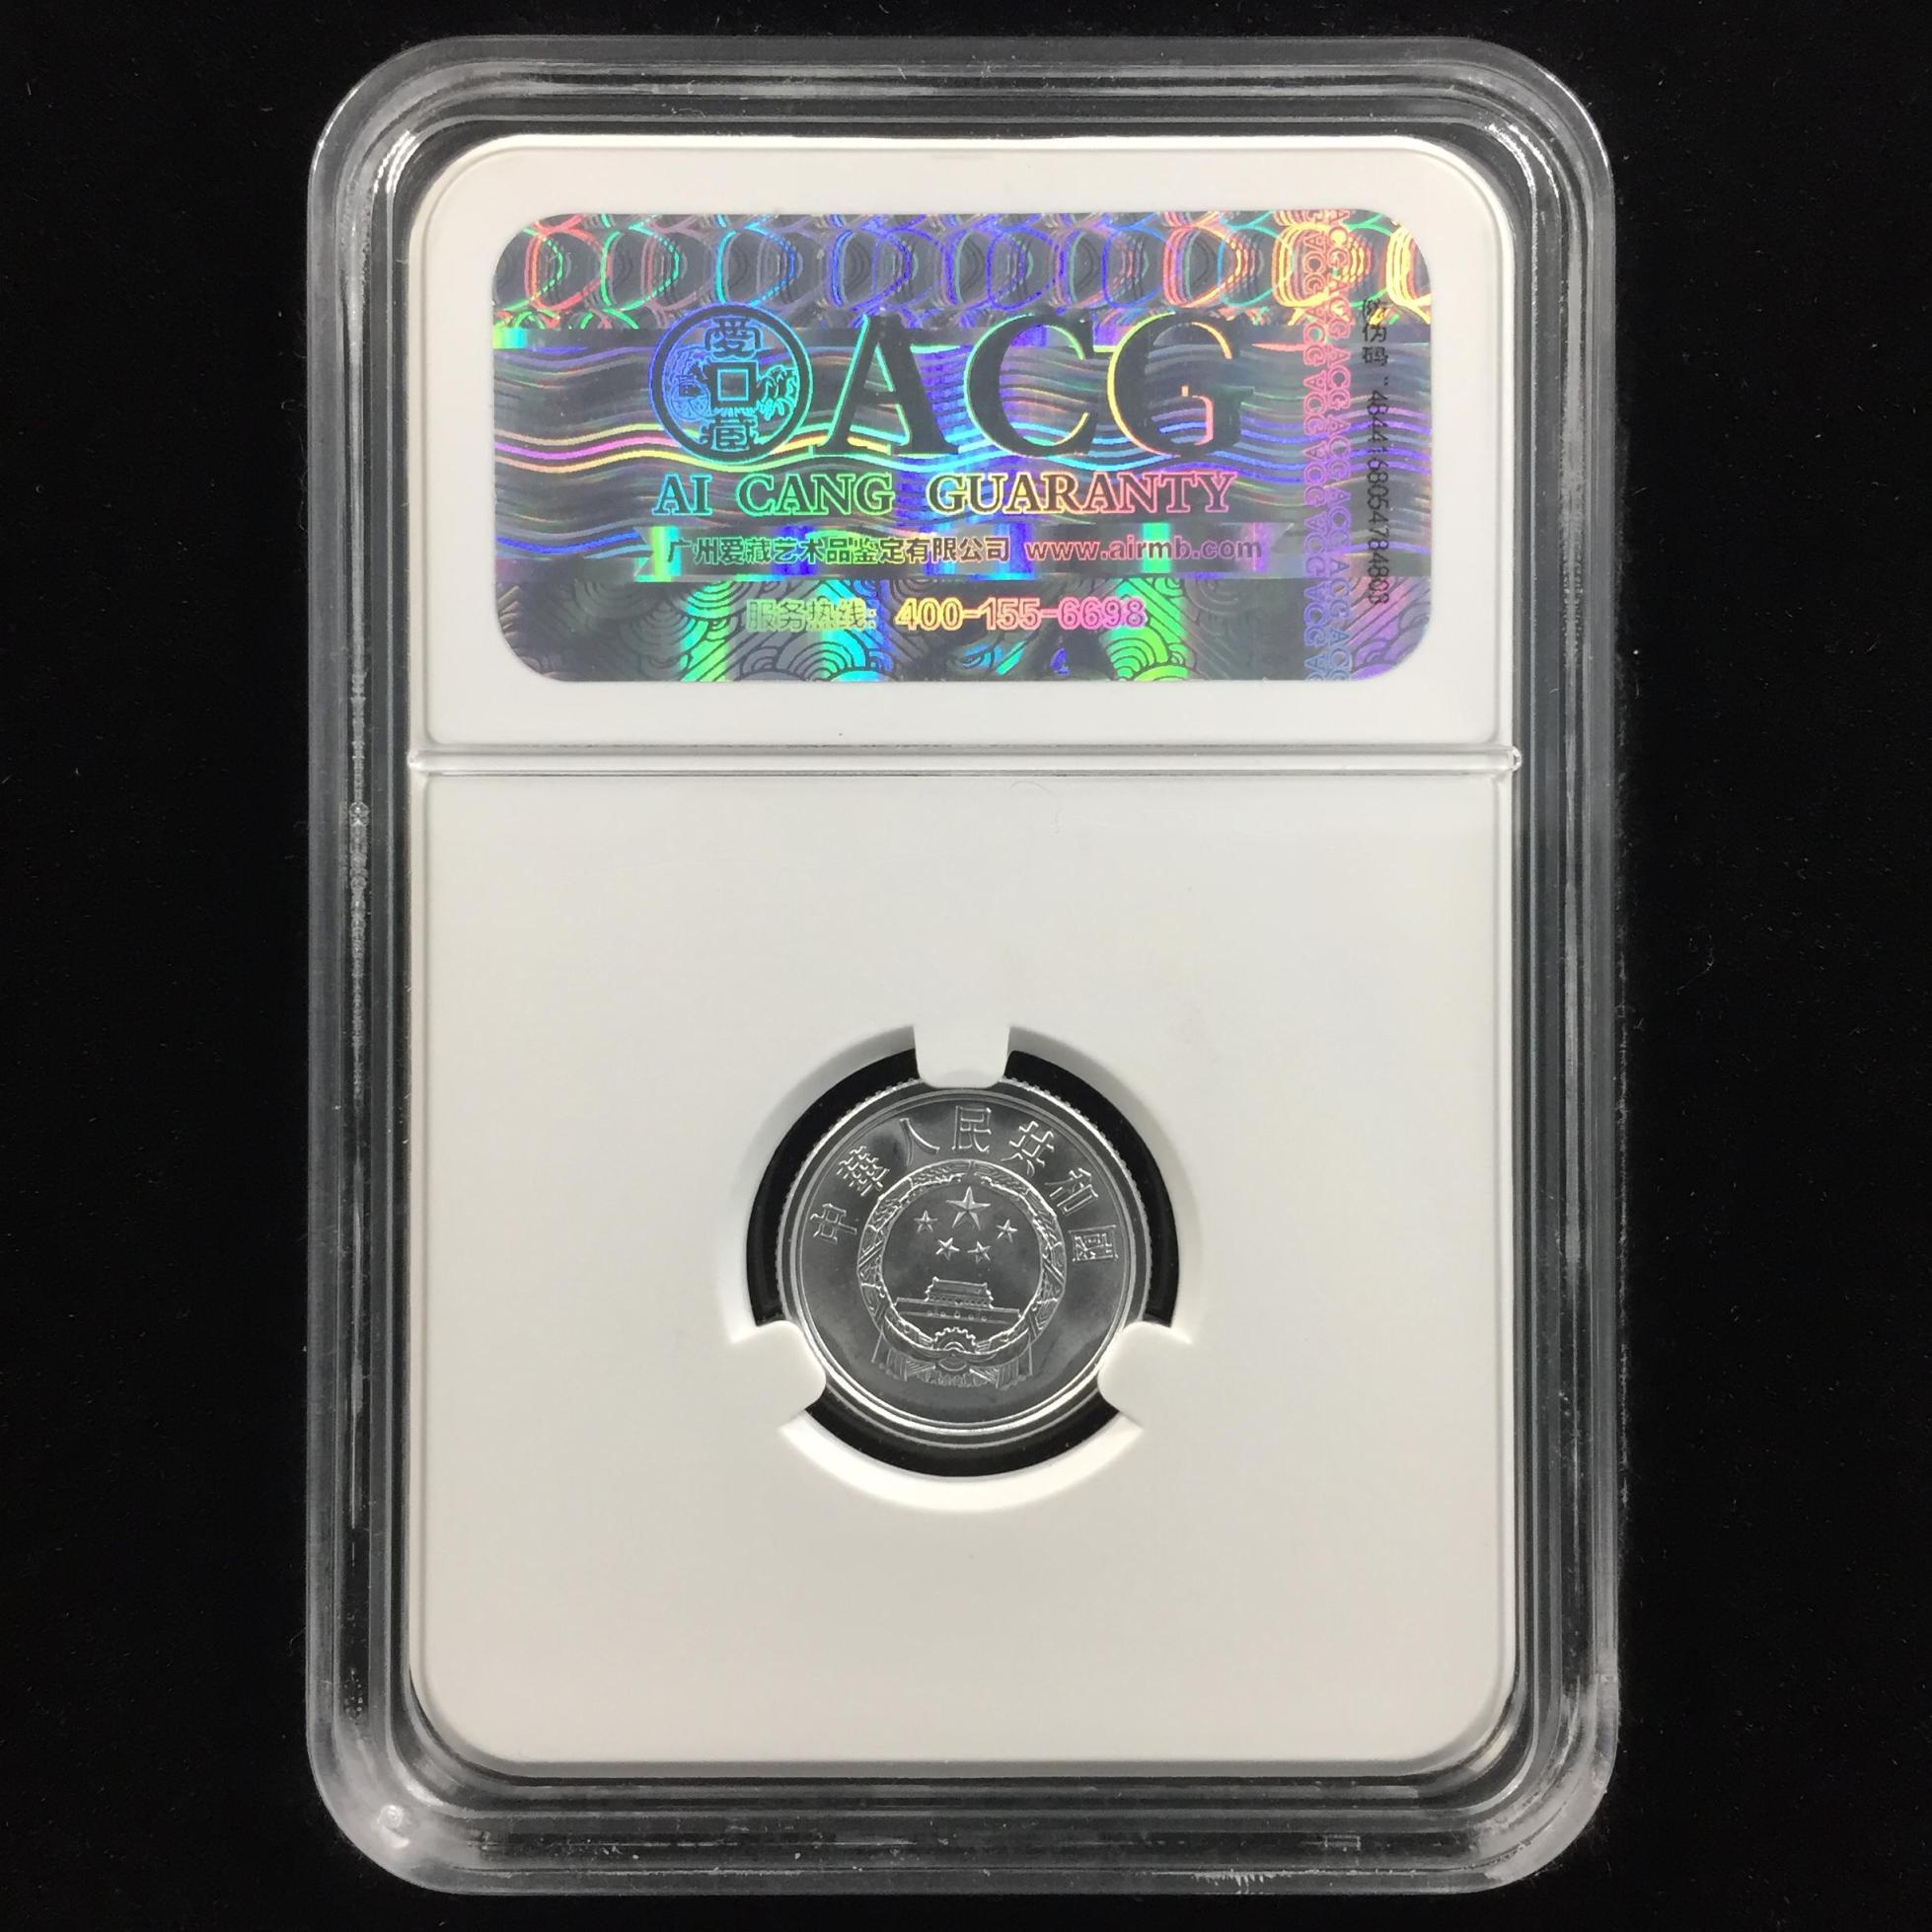 双齿币→2013年1分硬币→ACG鉴定证书-10768251